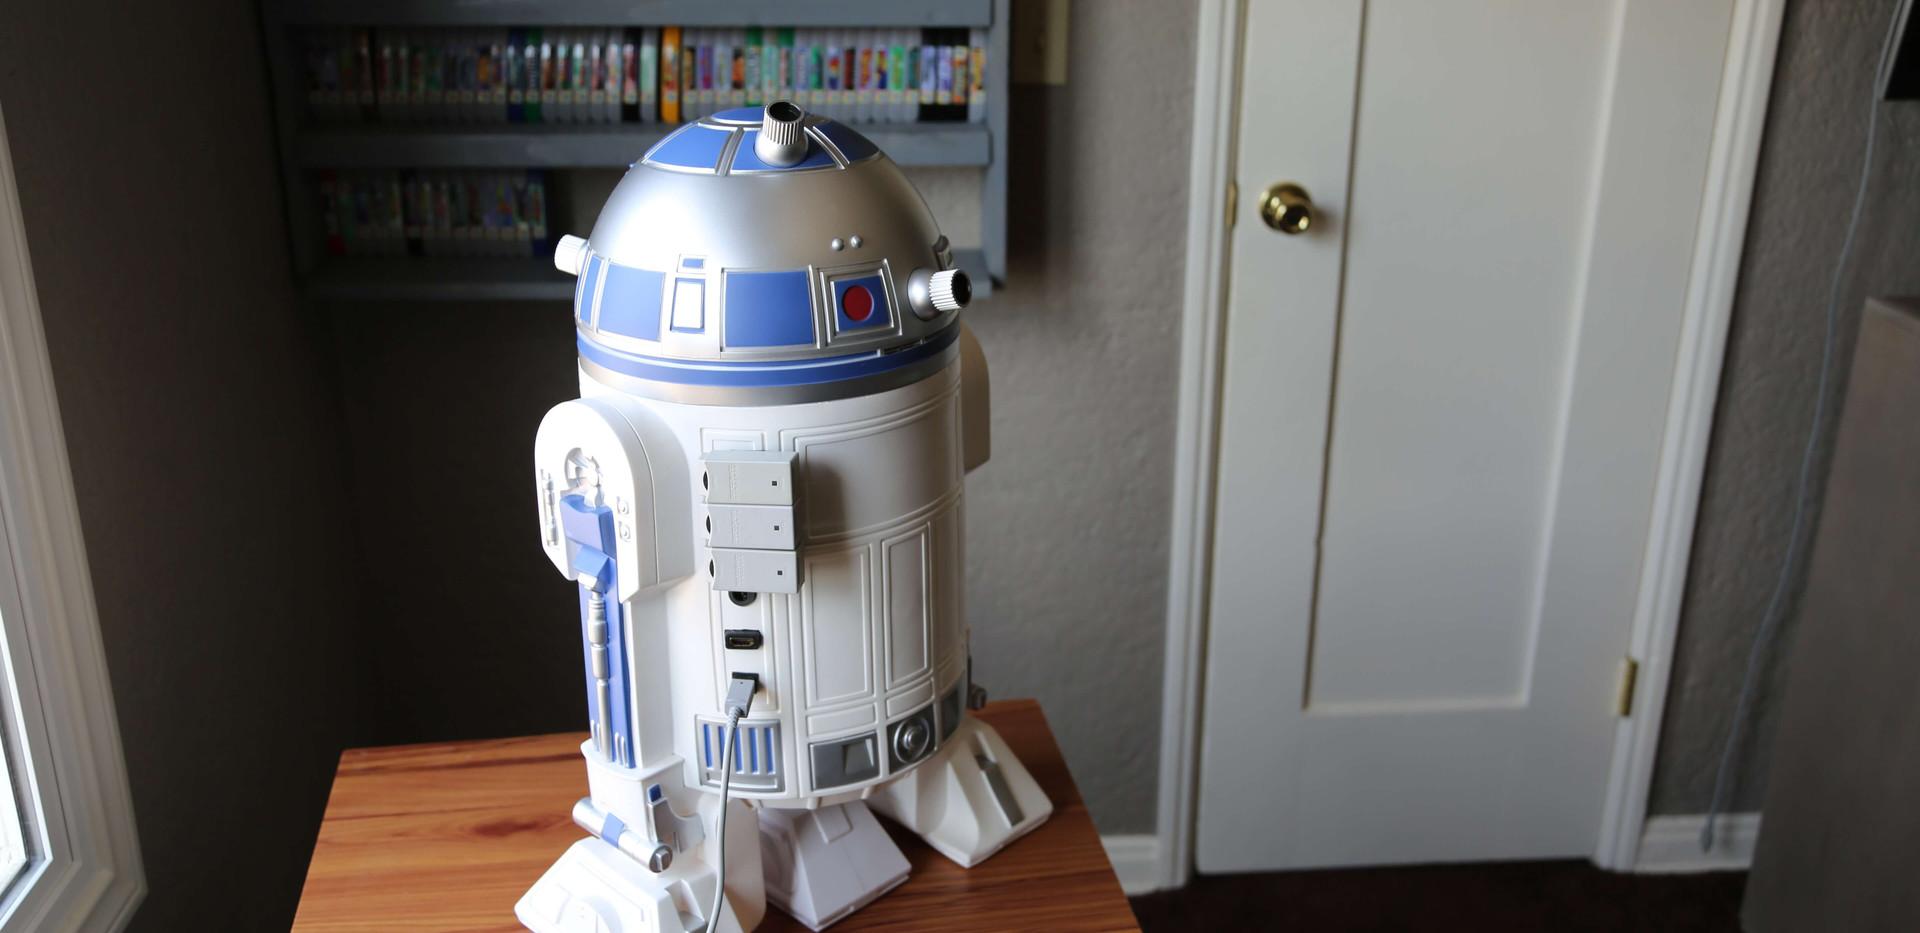 Wii-U-R2-D2-Star-Wars-10.JPG